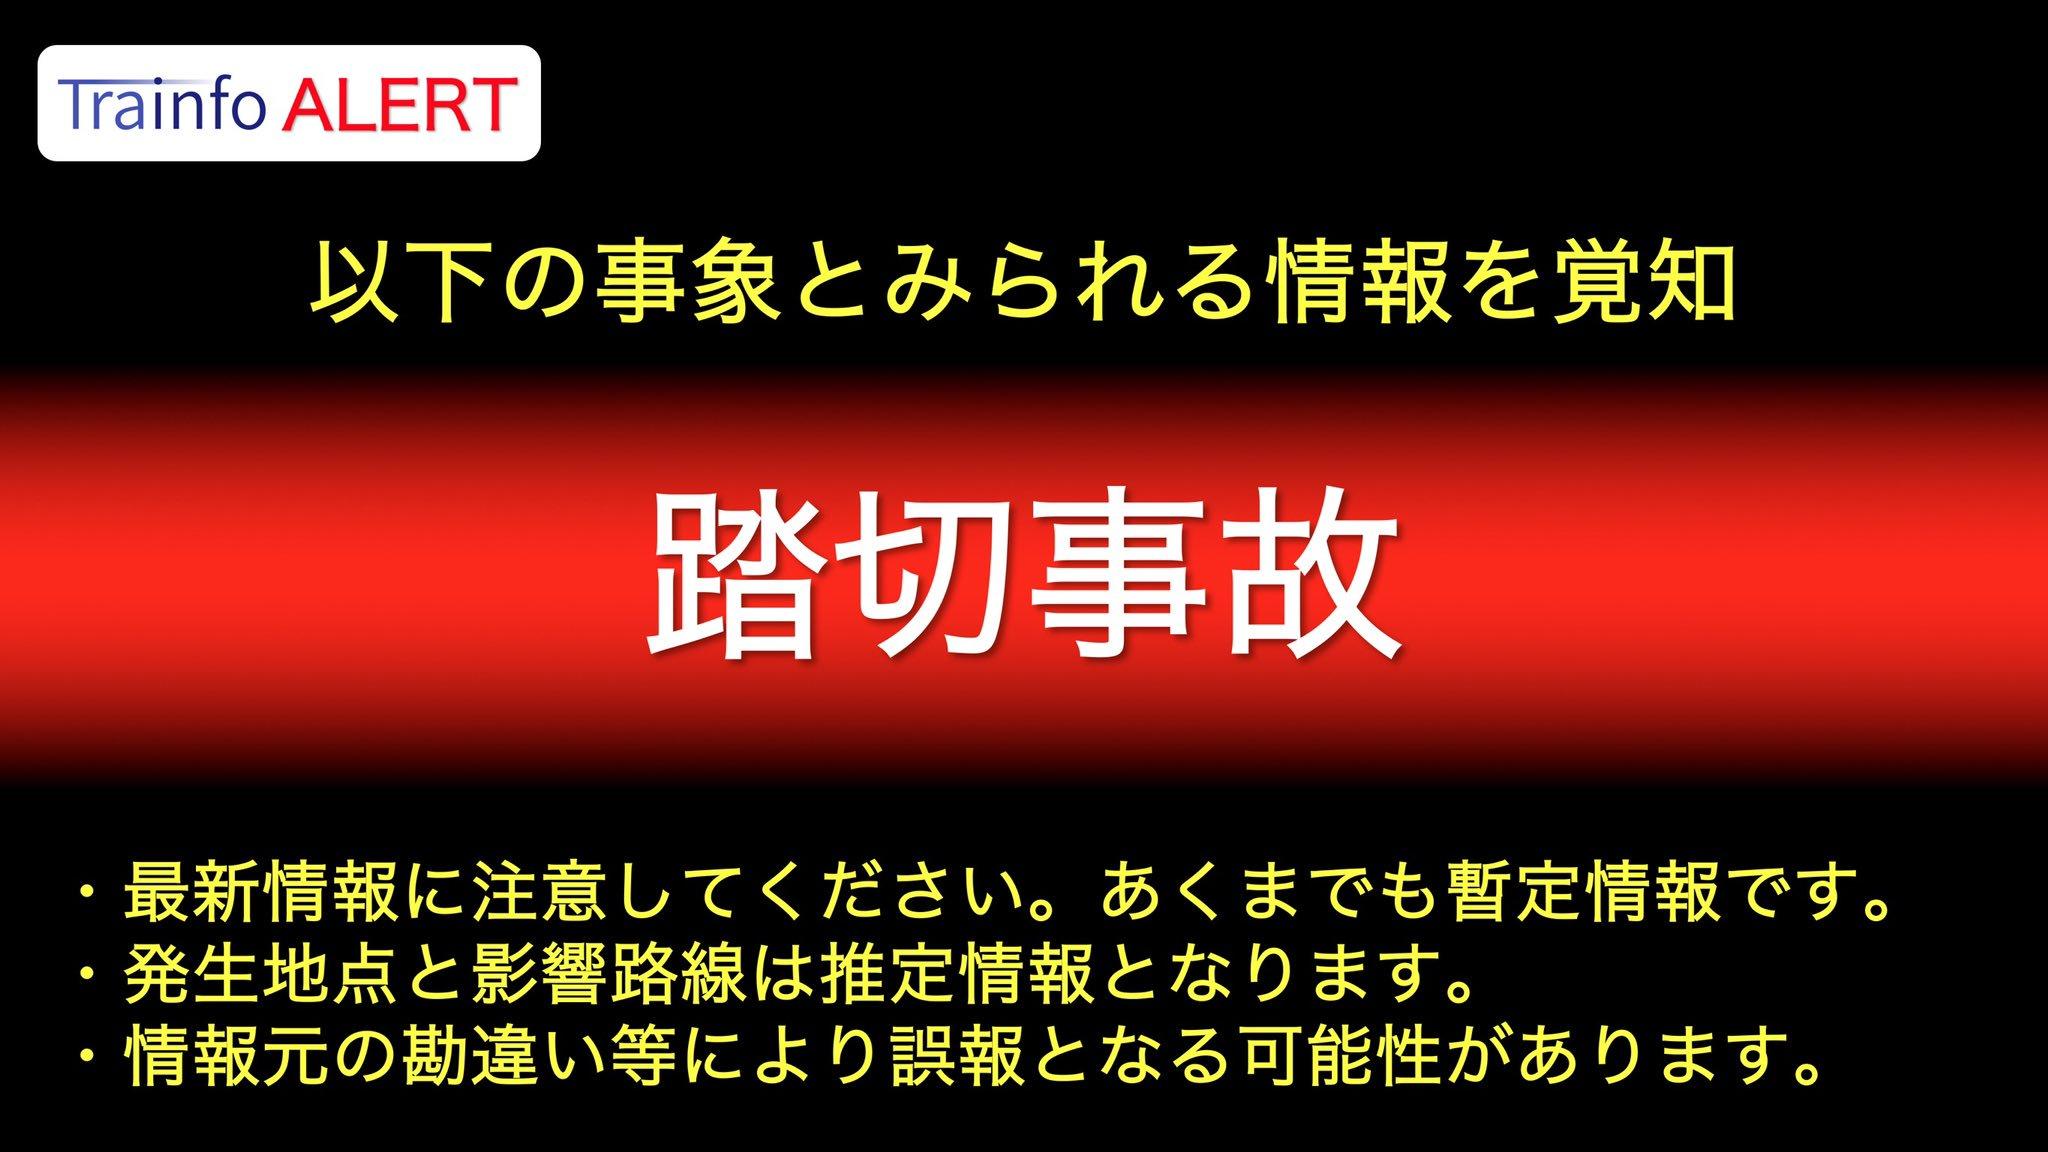 画像,🚃 踏切事故 💥小林駅付近で踏切事故の情報あり以下の路線でダイヤ乱れの可能性成田線(我孫子〜成田)常磐線(快速)など https://t.co/7LV2ptFA…